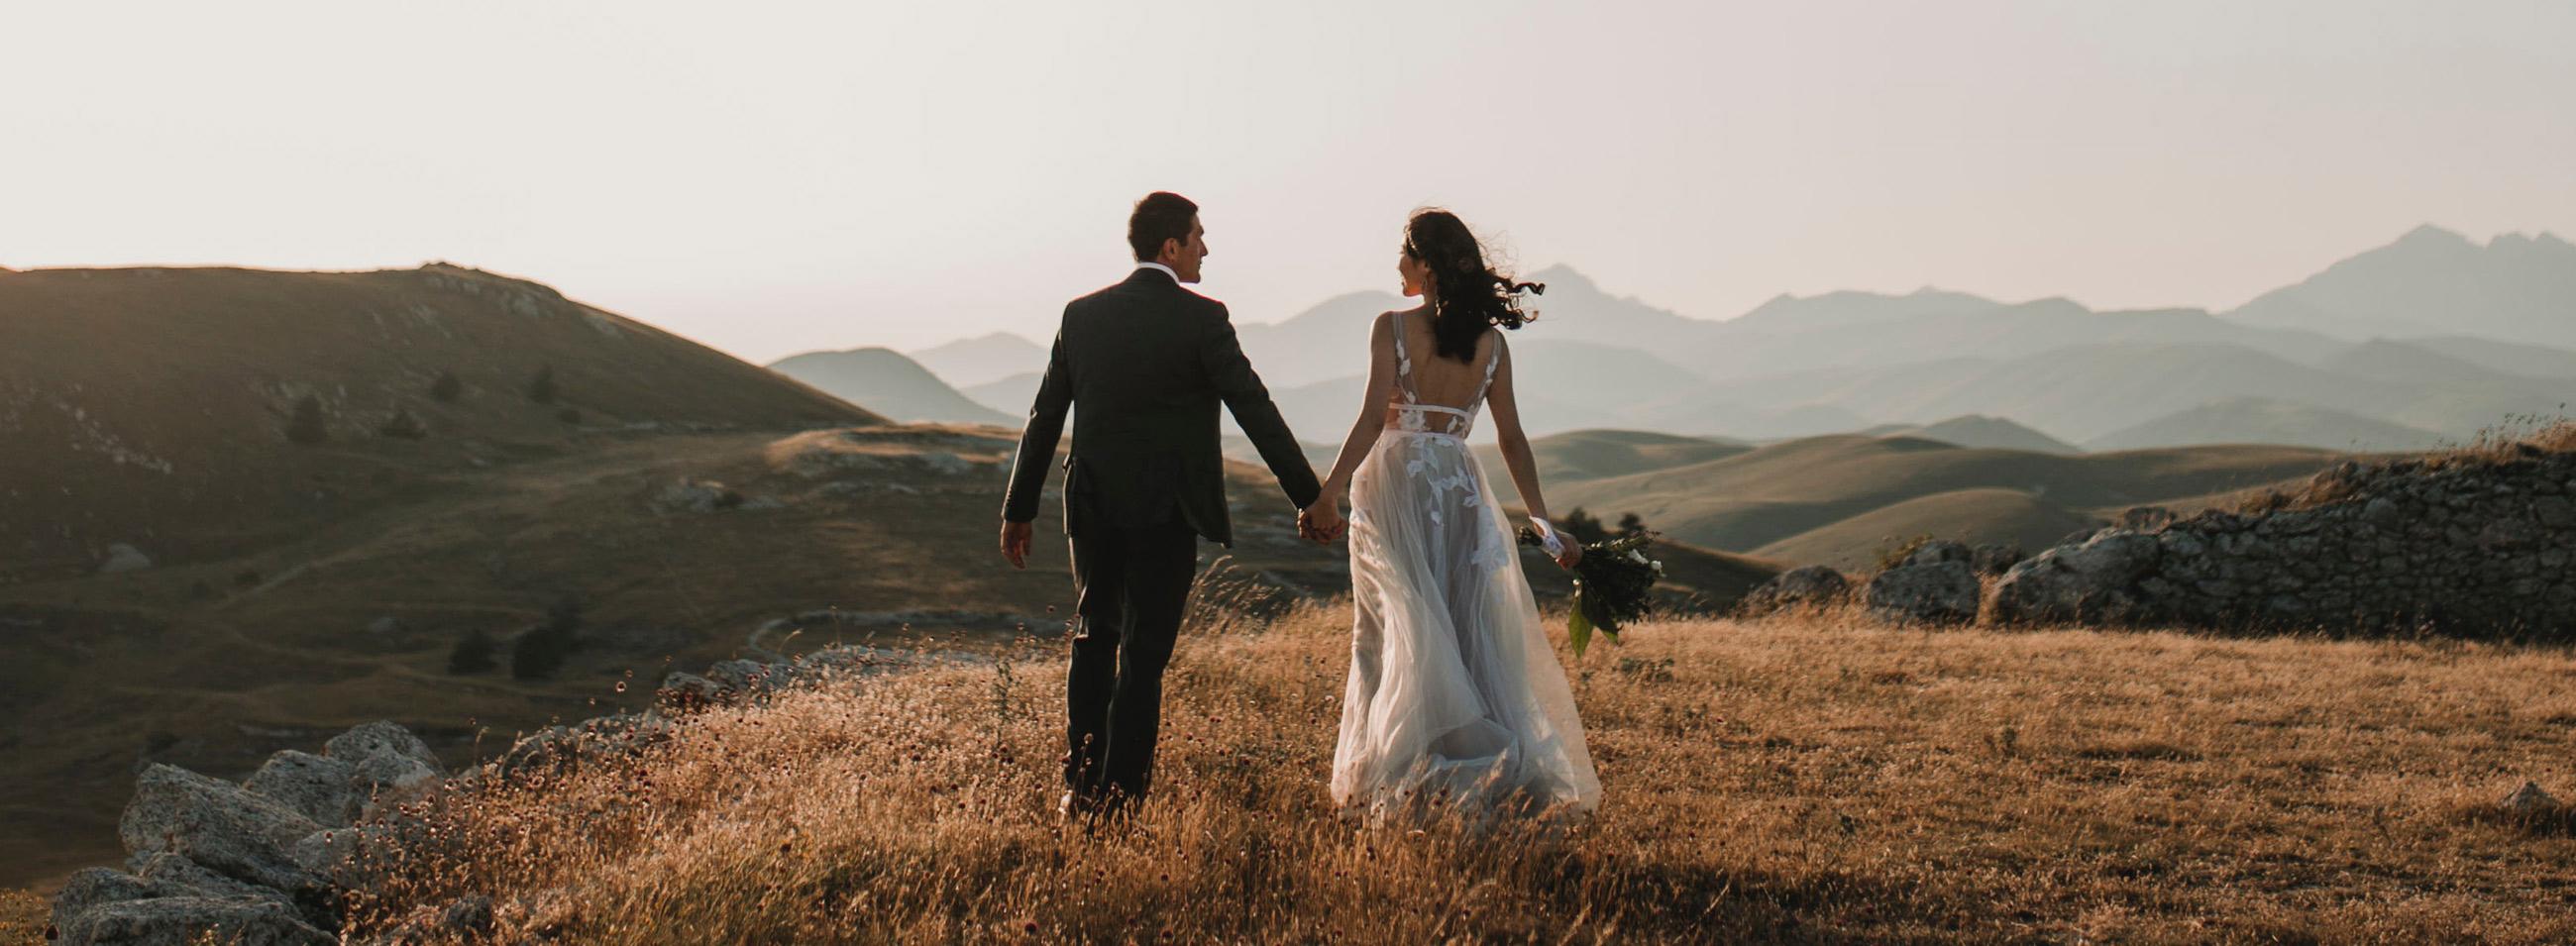 El Matrimonio es Cien y Cien